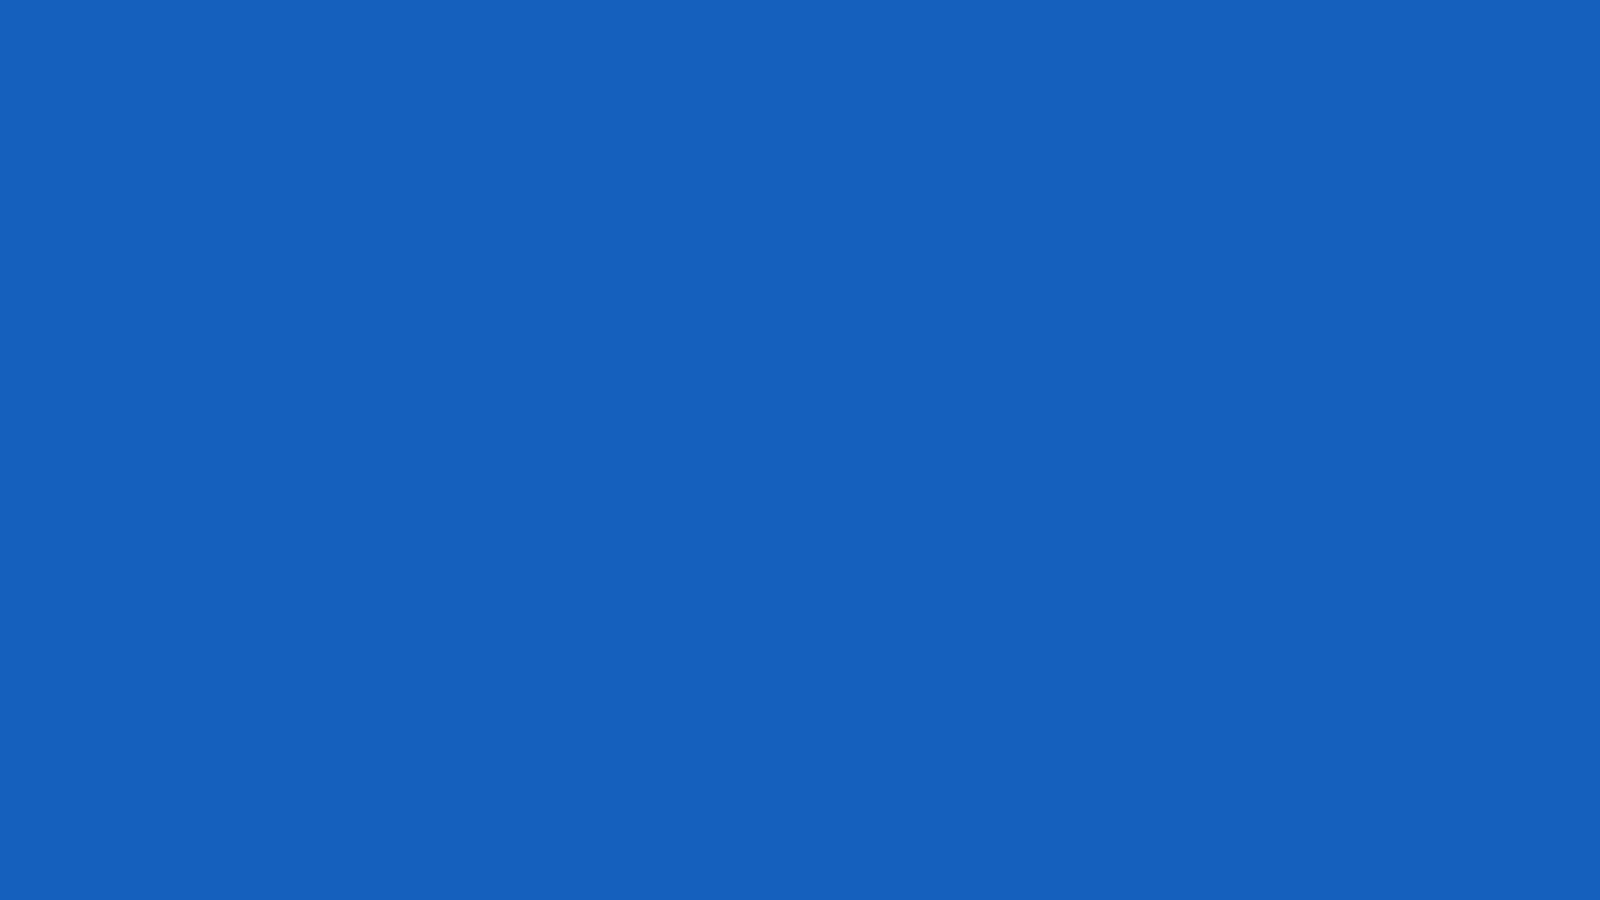 1600x900 Denim Solid Color Background